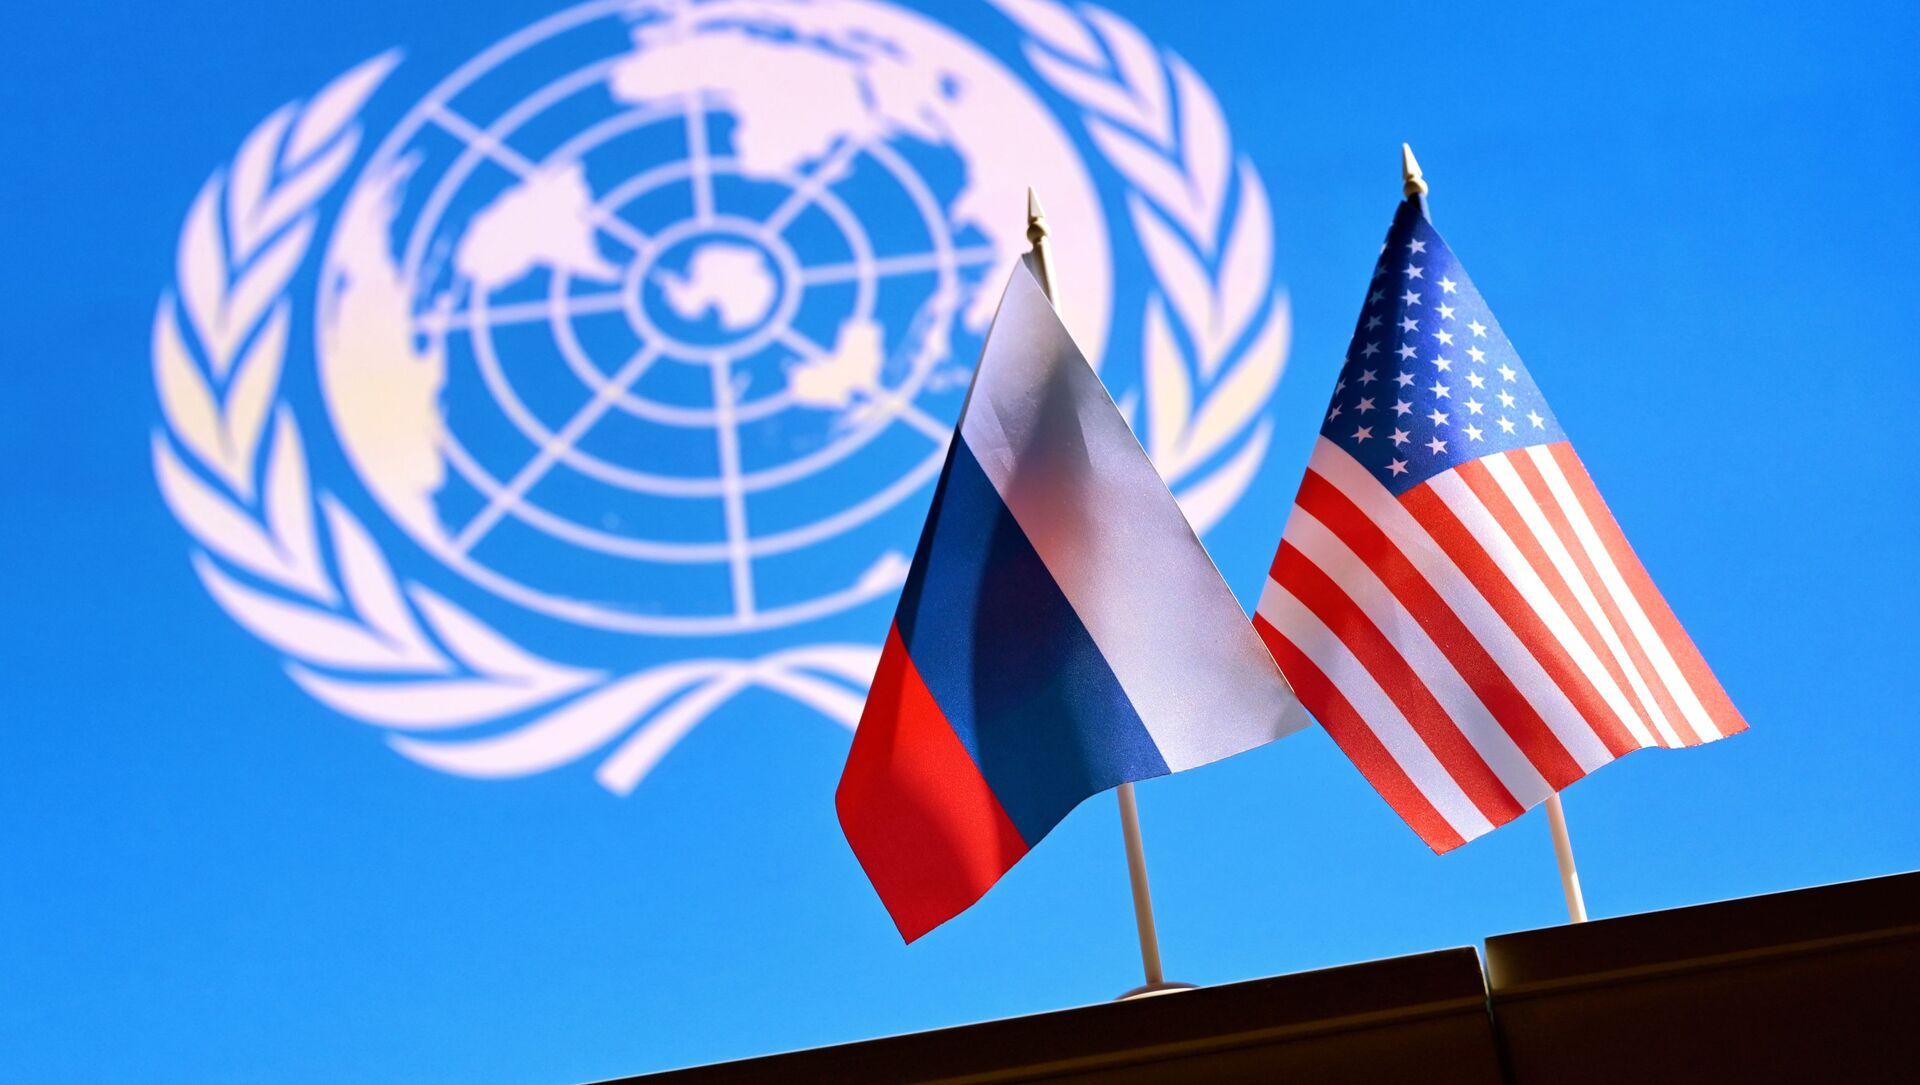 Флаги России и США - Sputnik Беларусь, 1920, 30.04.2021